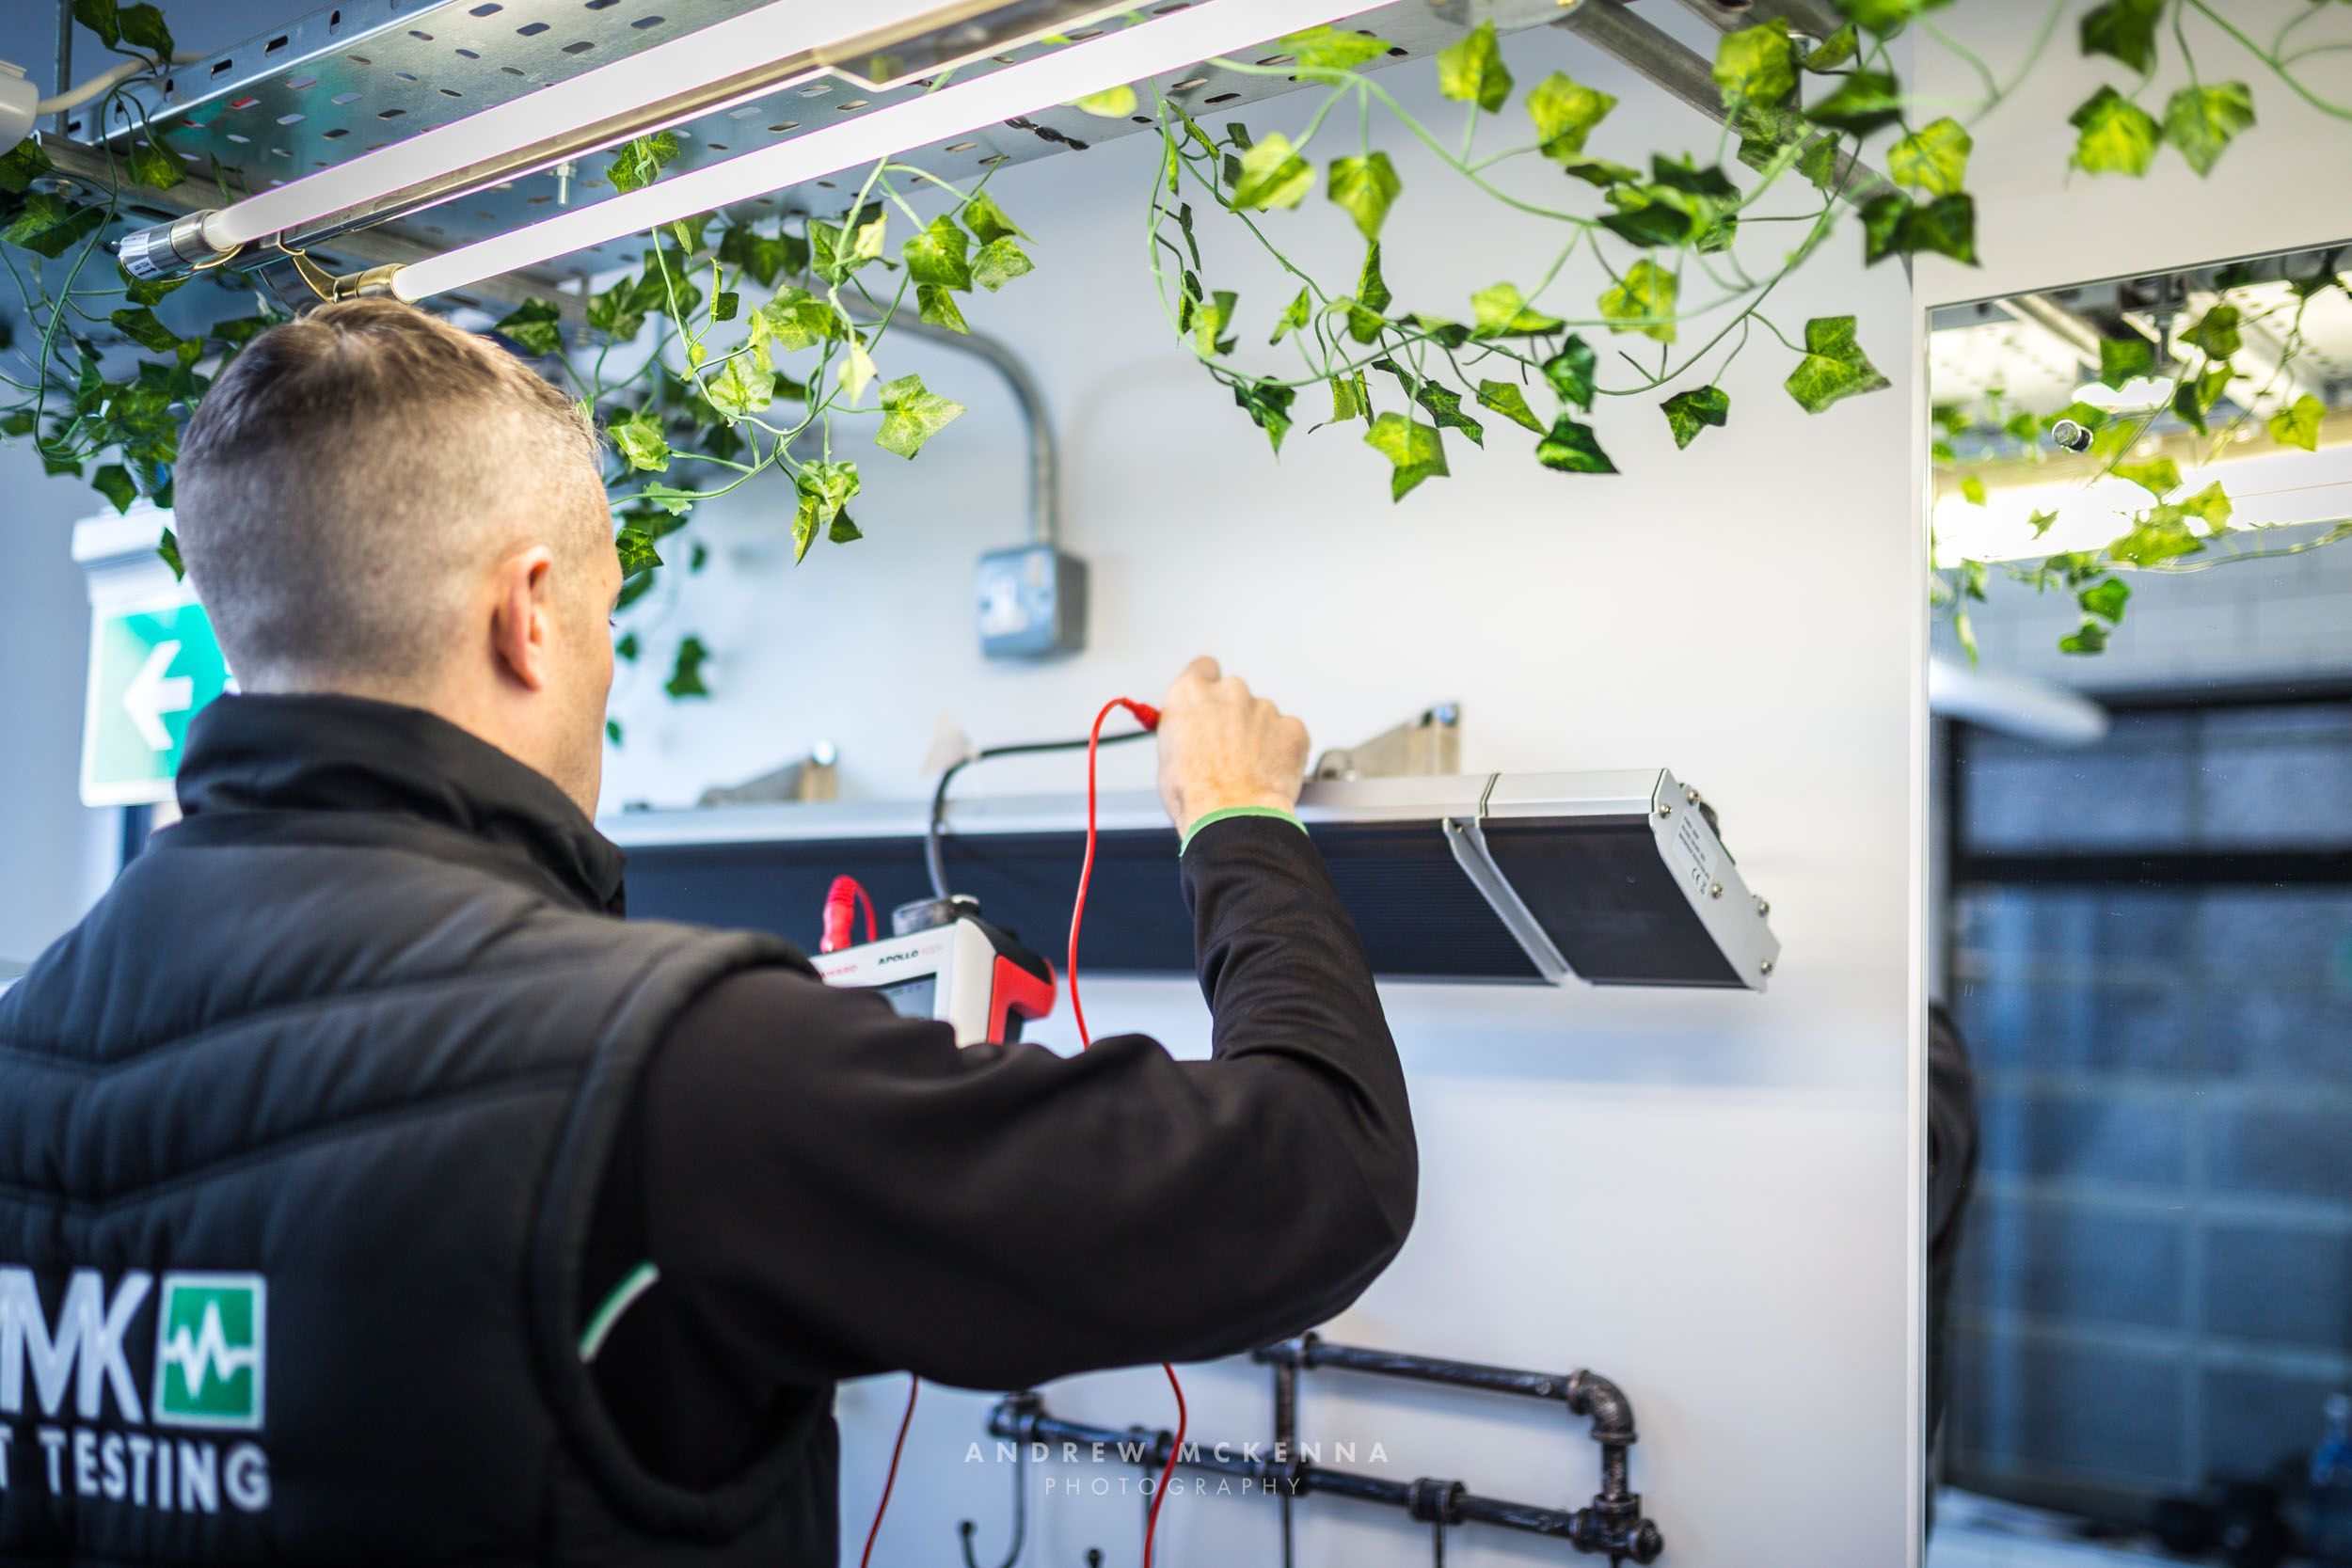 Electrical PaT Test Northern Ireland MMK PAT TESTING